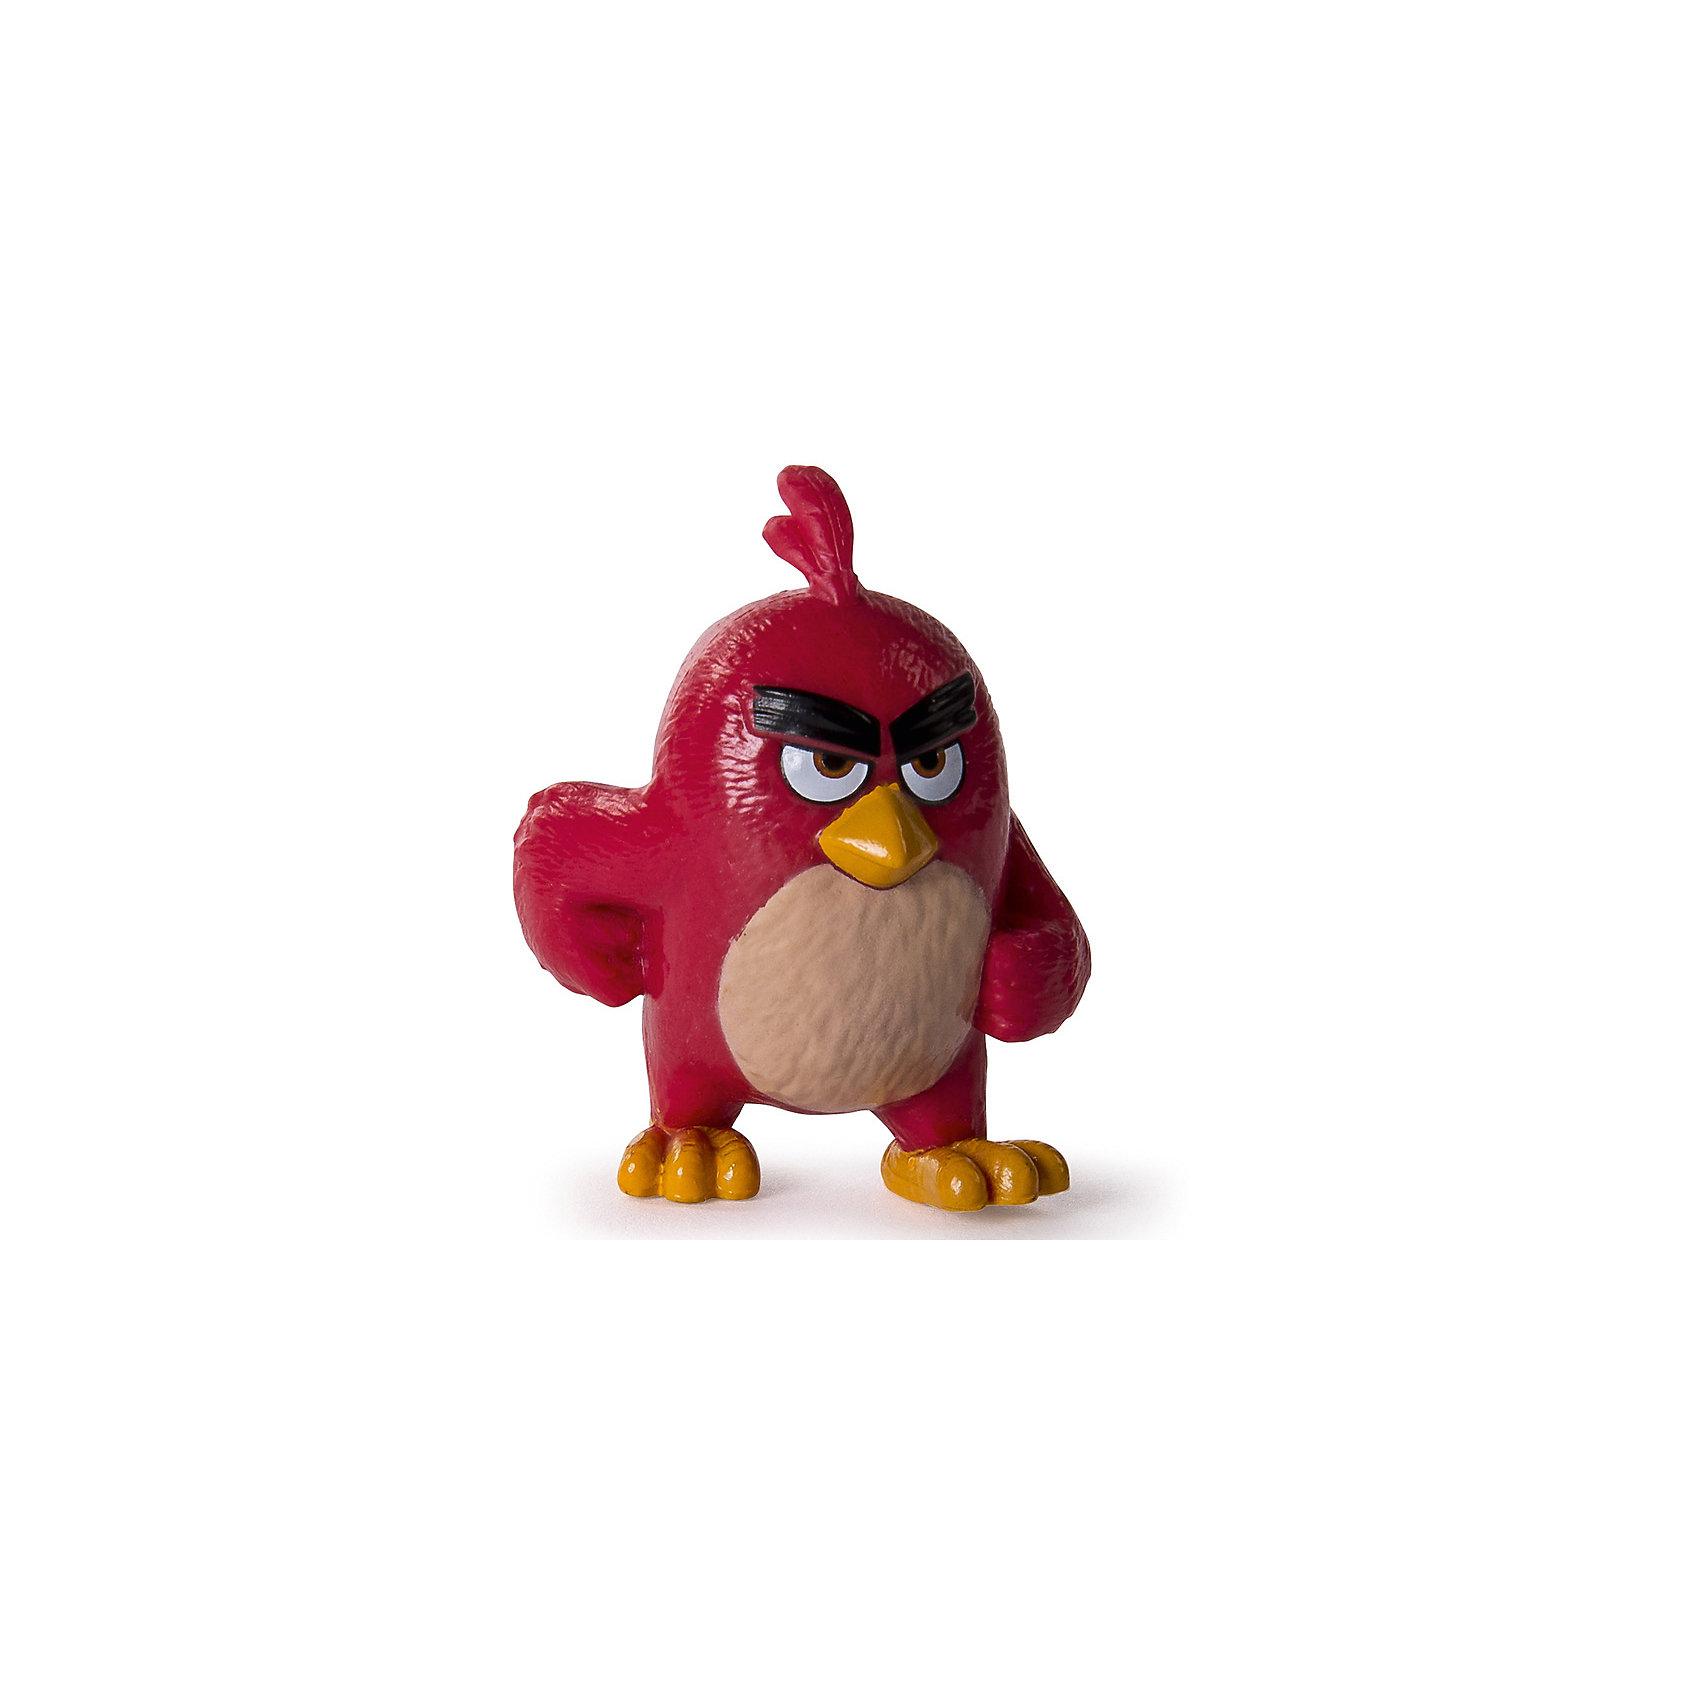 Spin Master Коллекционная фигурка Сердитая птичка, Angry Birds, 90501/40073074 spin master коллекционная фигурка сердитая птичка angry birds 90501 40073074